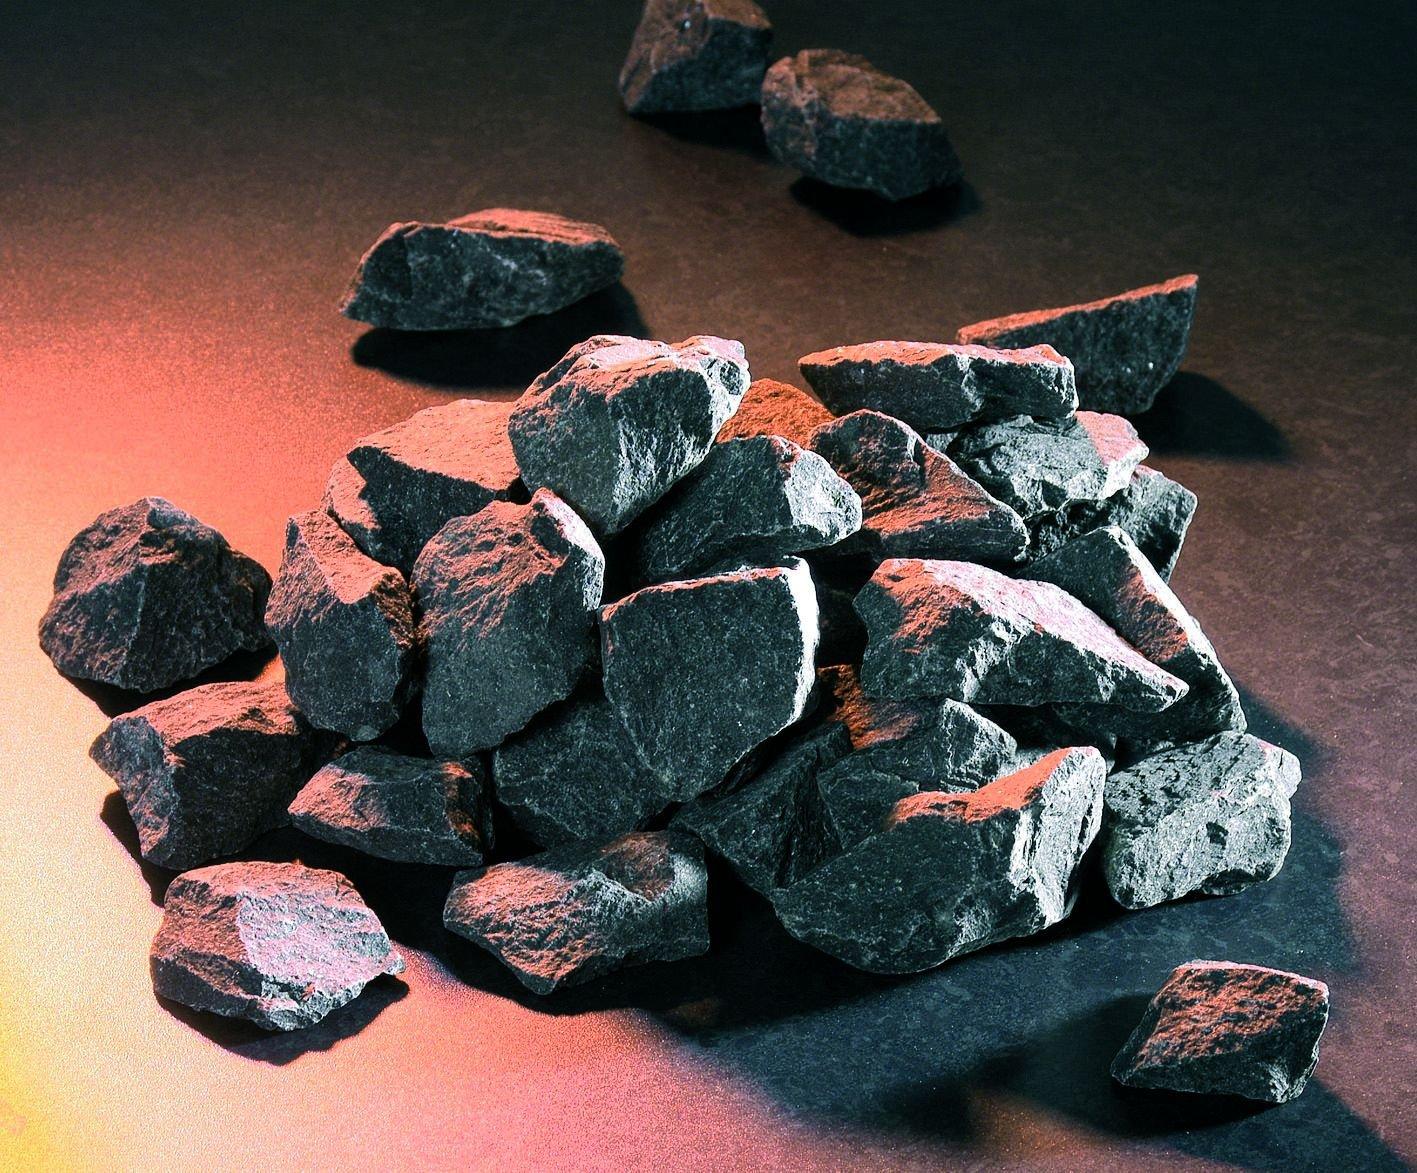 Saunasteine - echtfinnische Saunasteine 20 kg - von Weigand Wellness fü r elektrische- und holzbefeuerte Saunaö fen Ofen